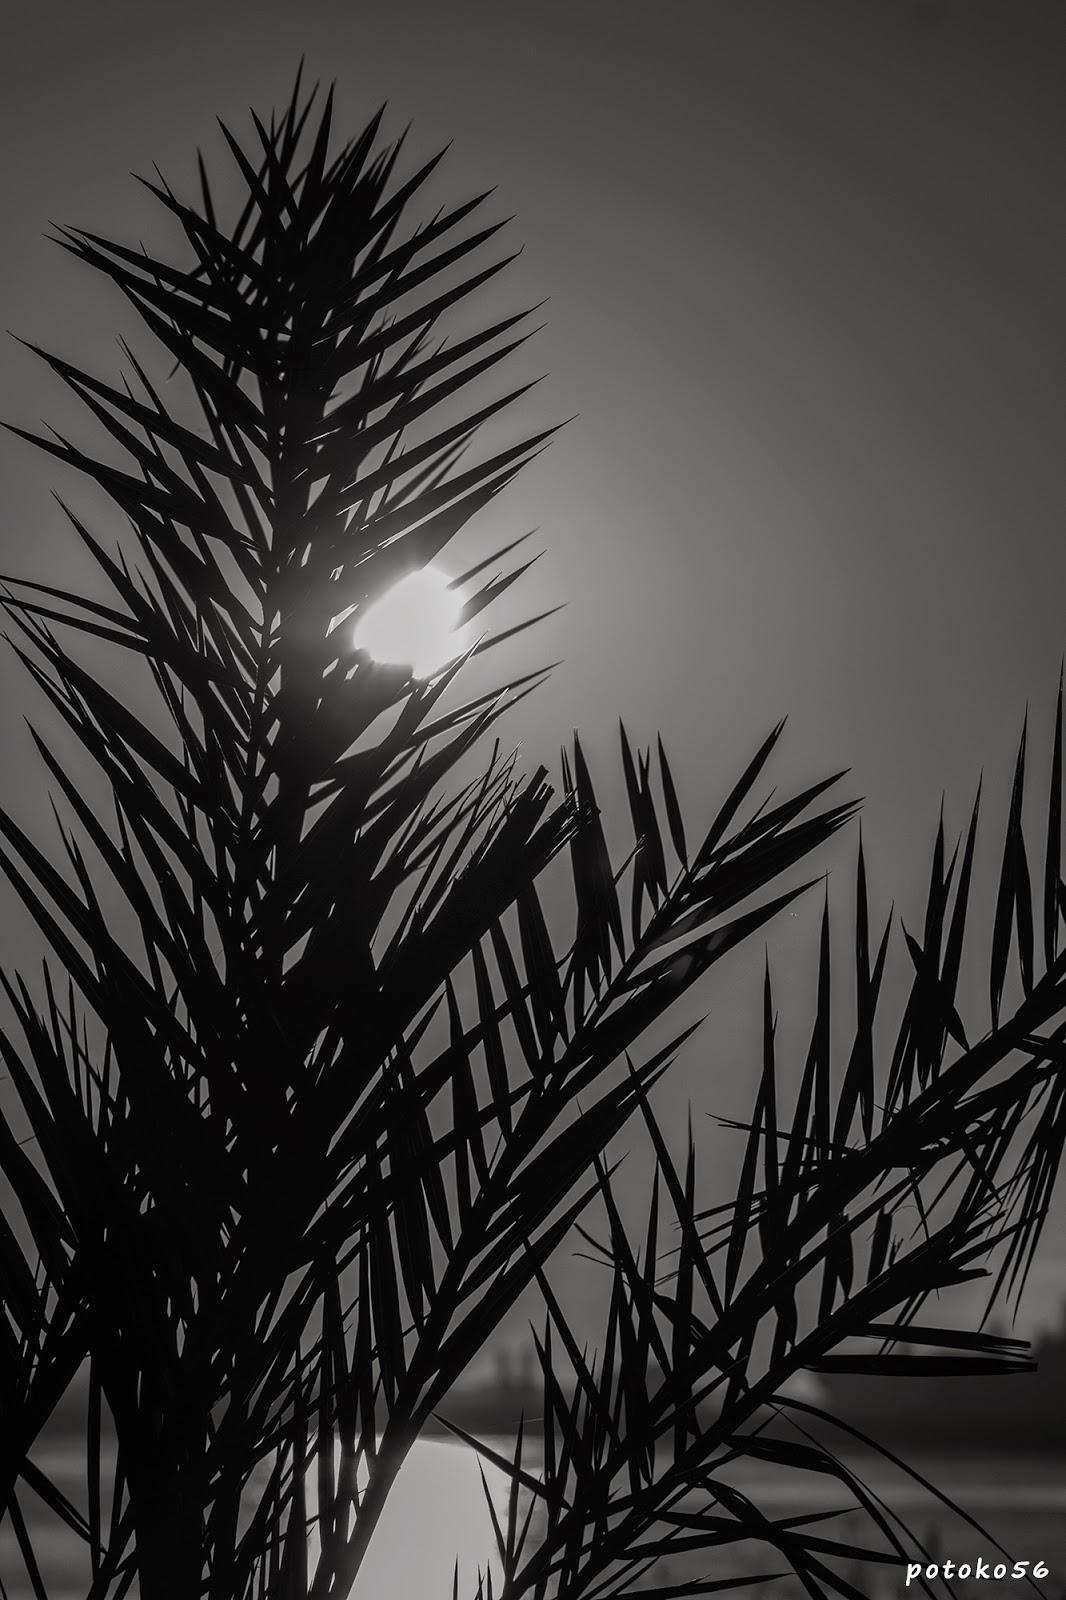 entre ramas el astro sol Rota